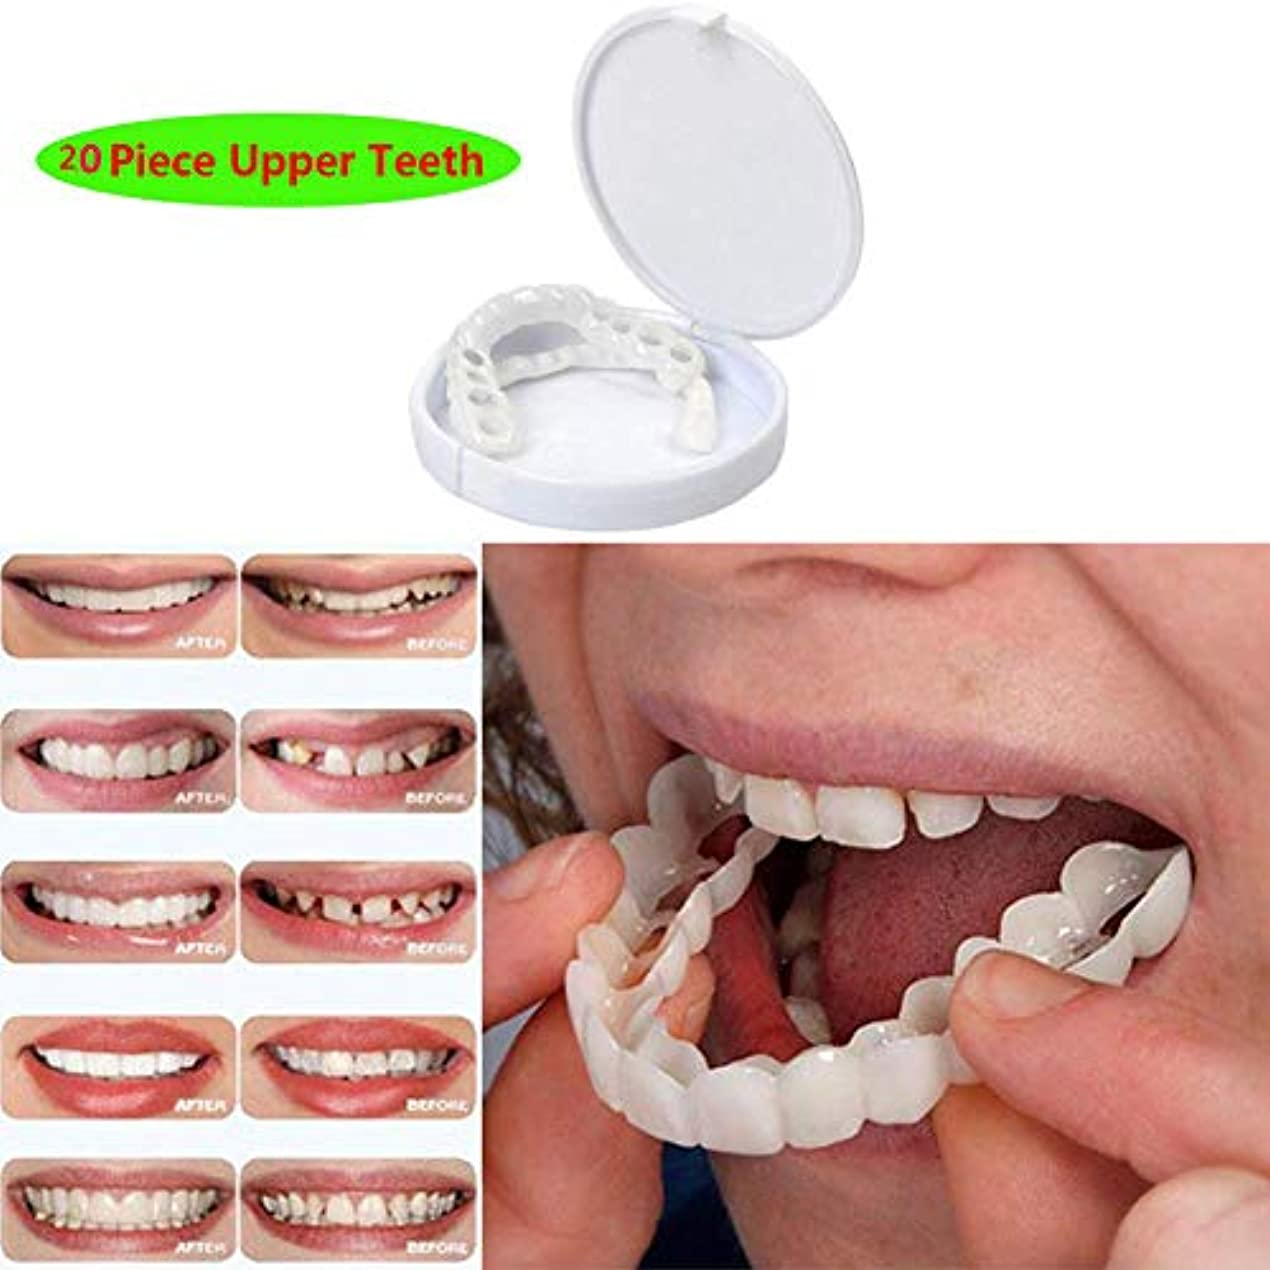 方向用心深い下る20Pcs一時的な化粧品の歯の義歯の化粧品は白くなることを模倣した上括弧を模倣しました